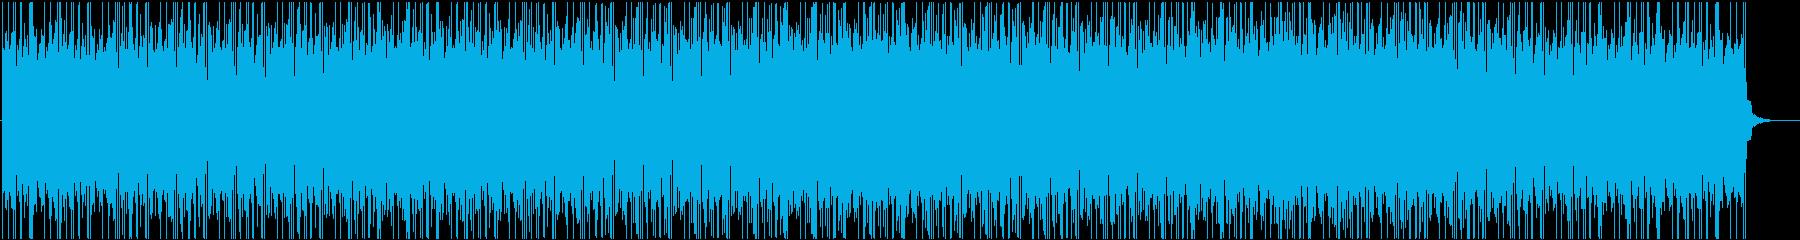 ■ニュース 報道-ドローン-IT-AIの再生済みの波形